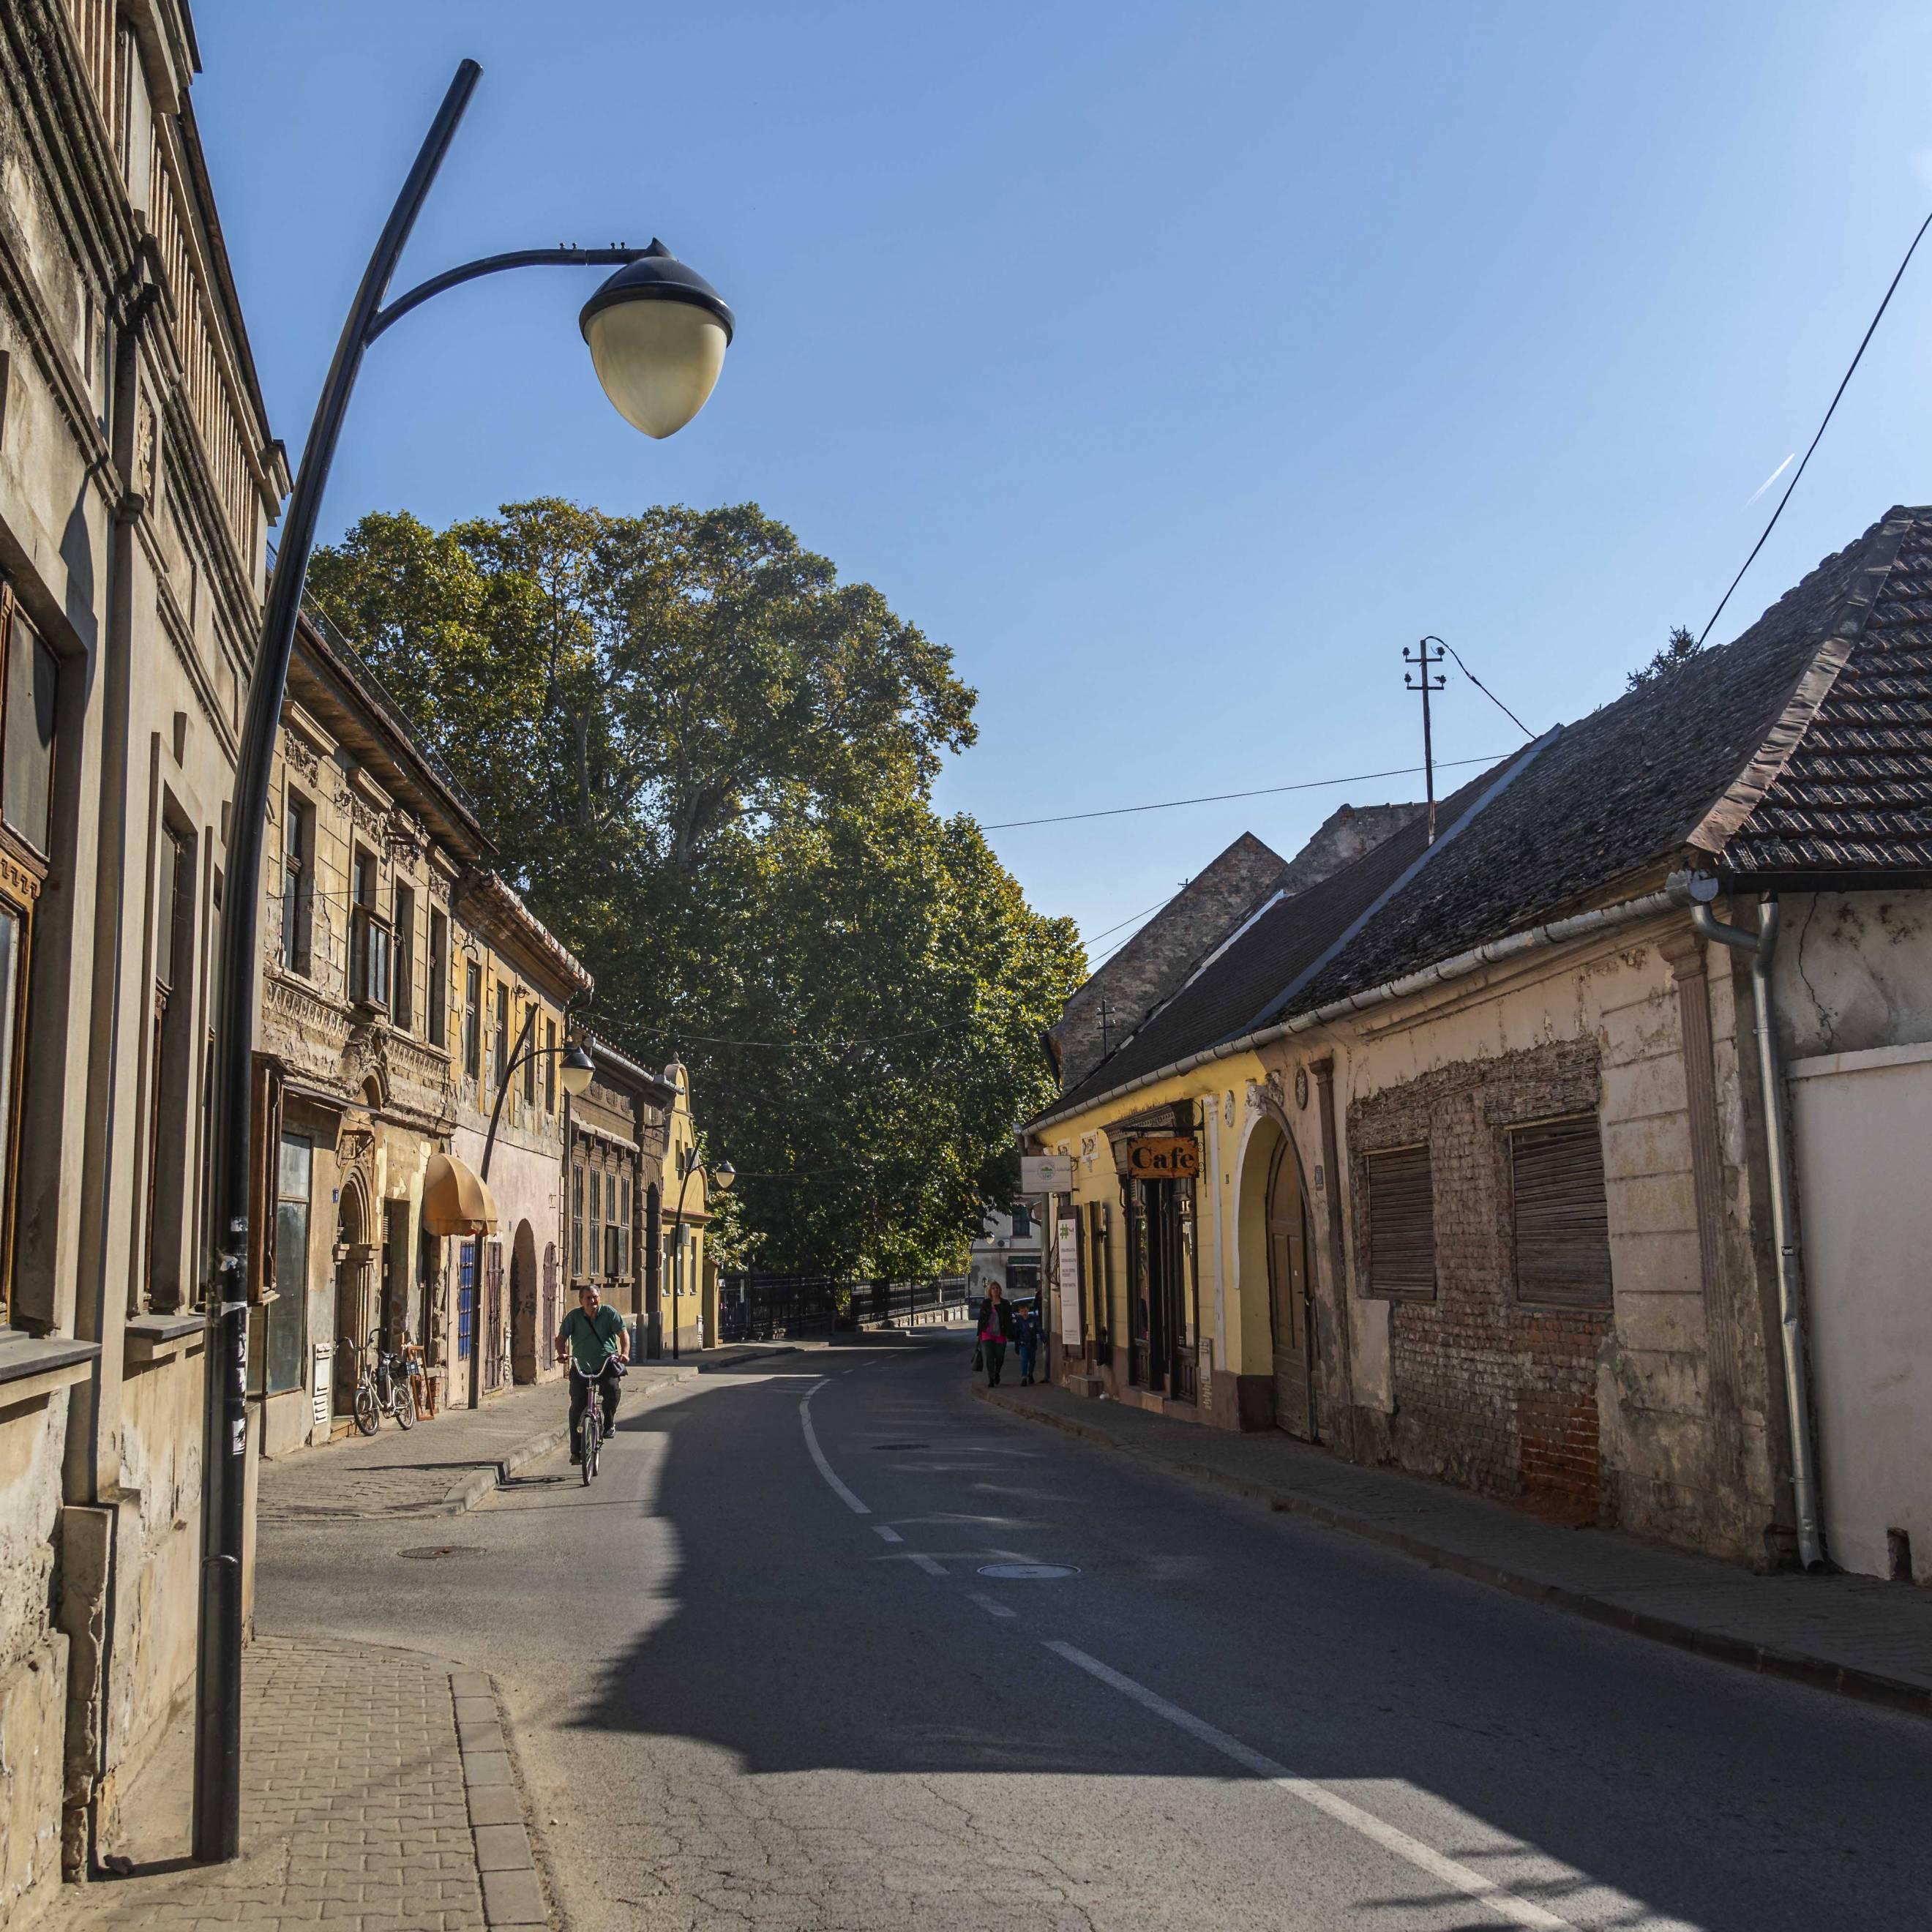 Sremski Karlovci, Serbia